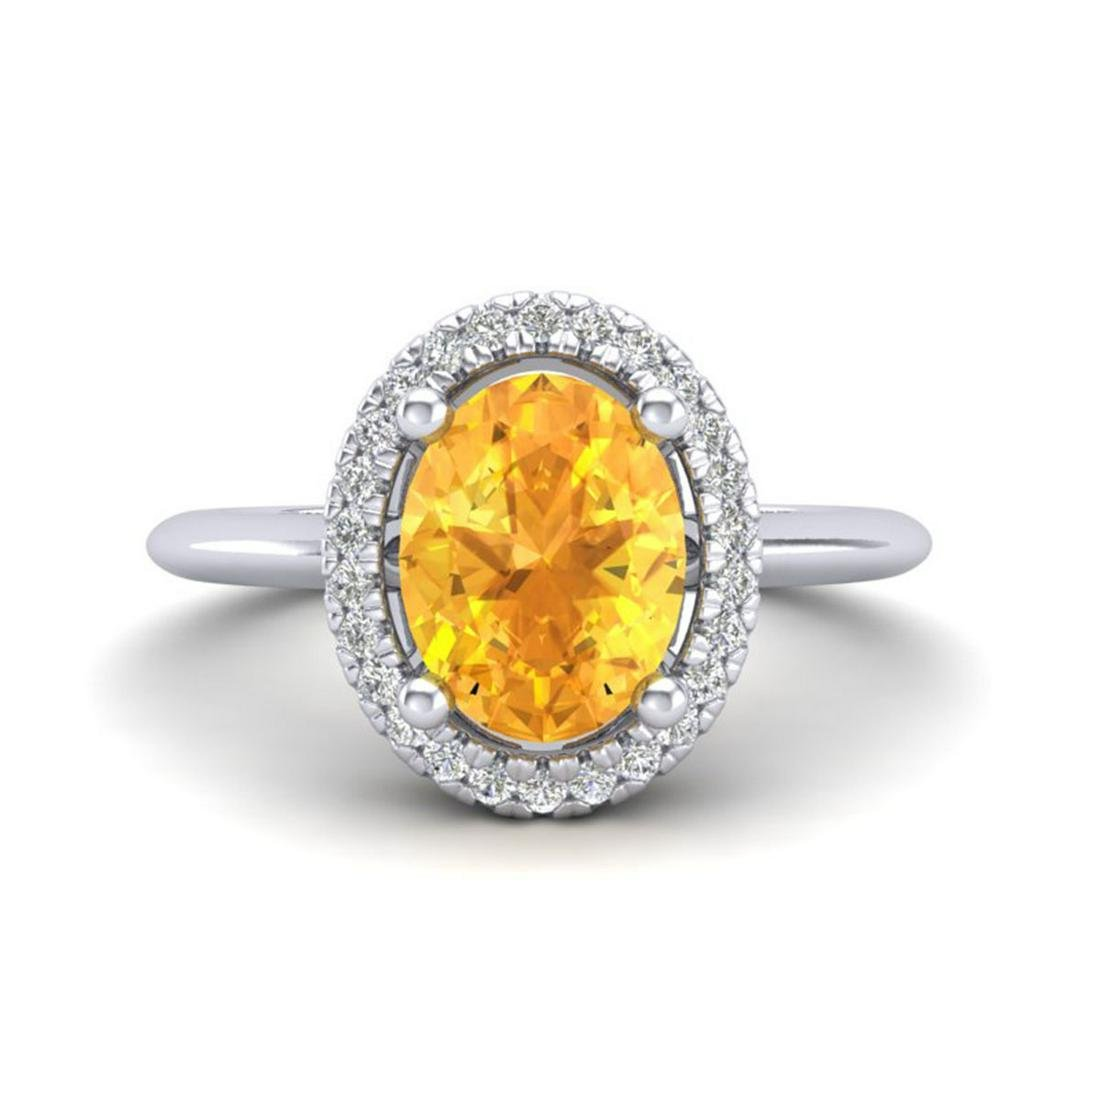 1.75 ctw Citrine & VS/SI Diamond Ring Halo 18K White